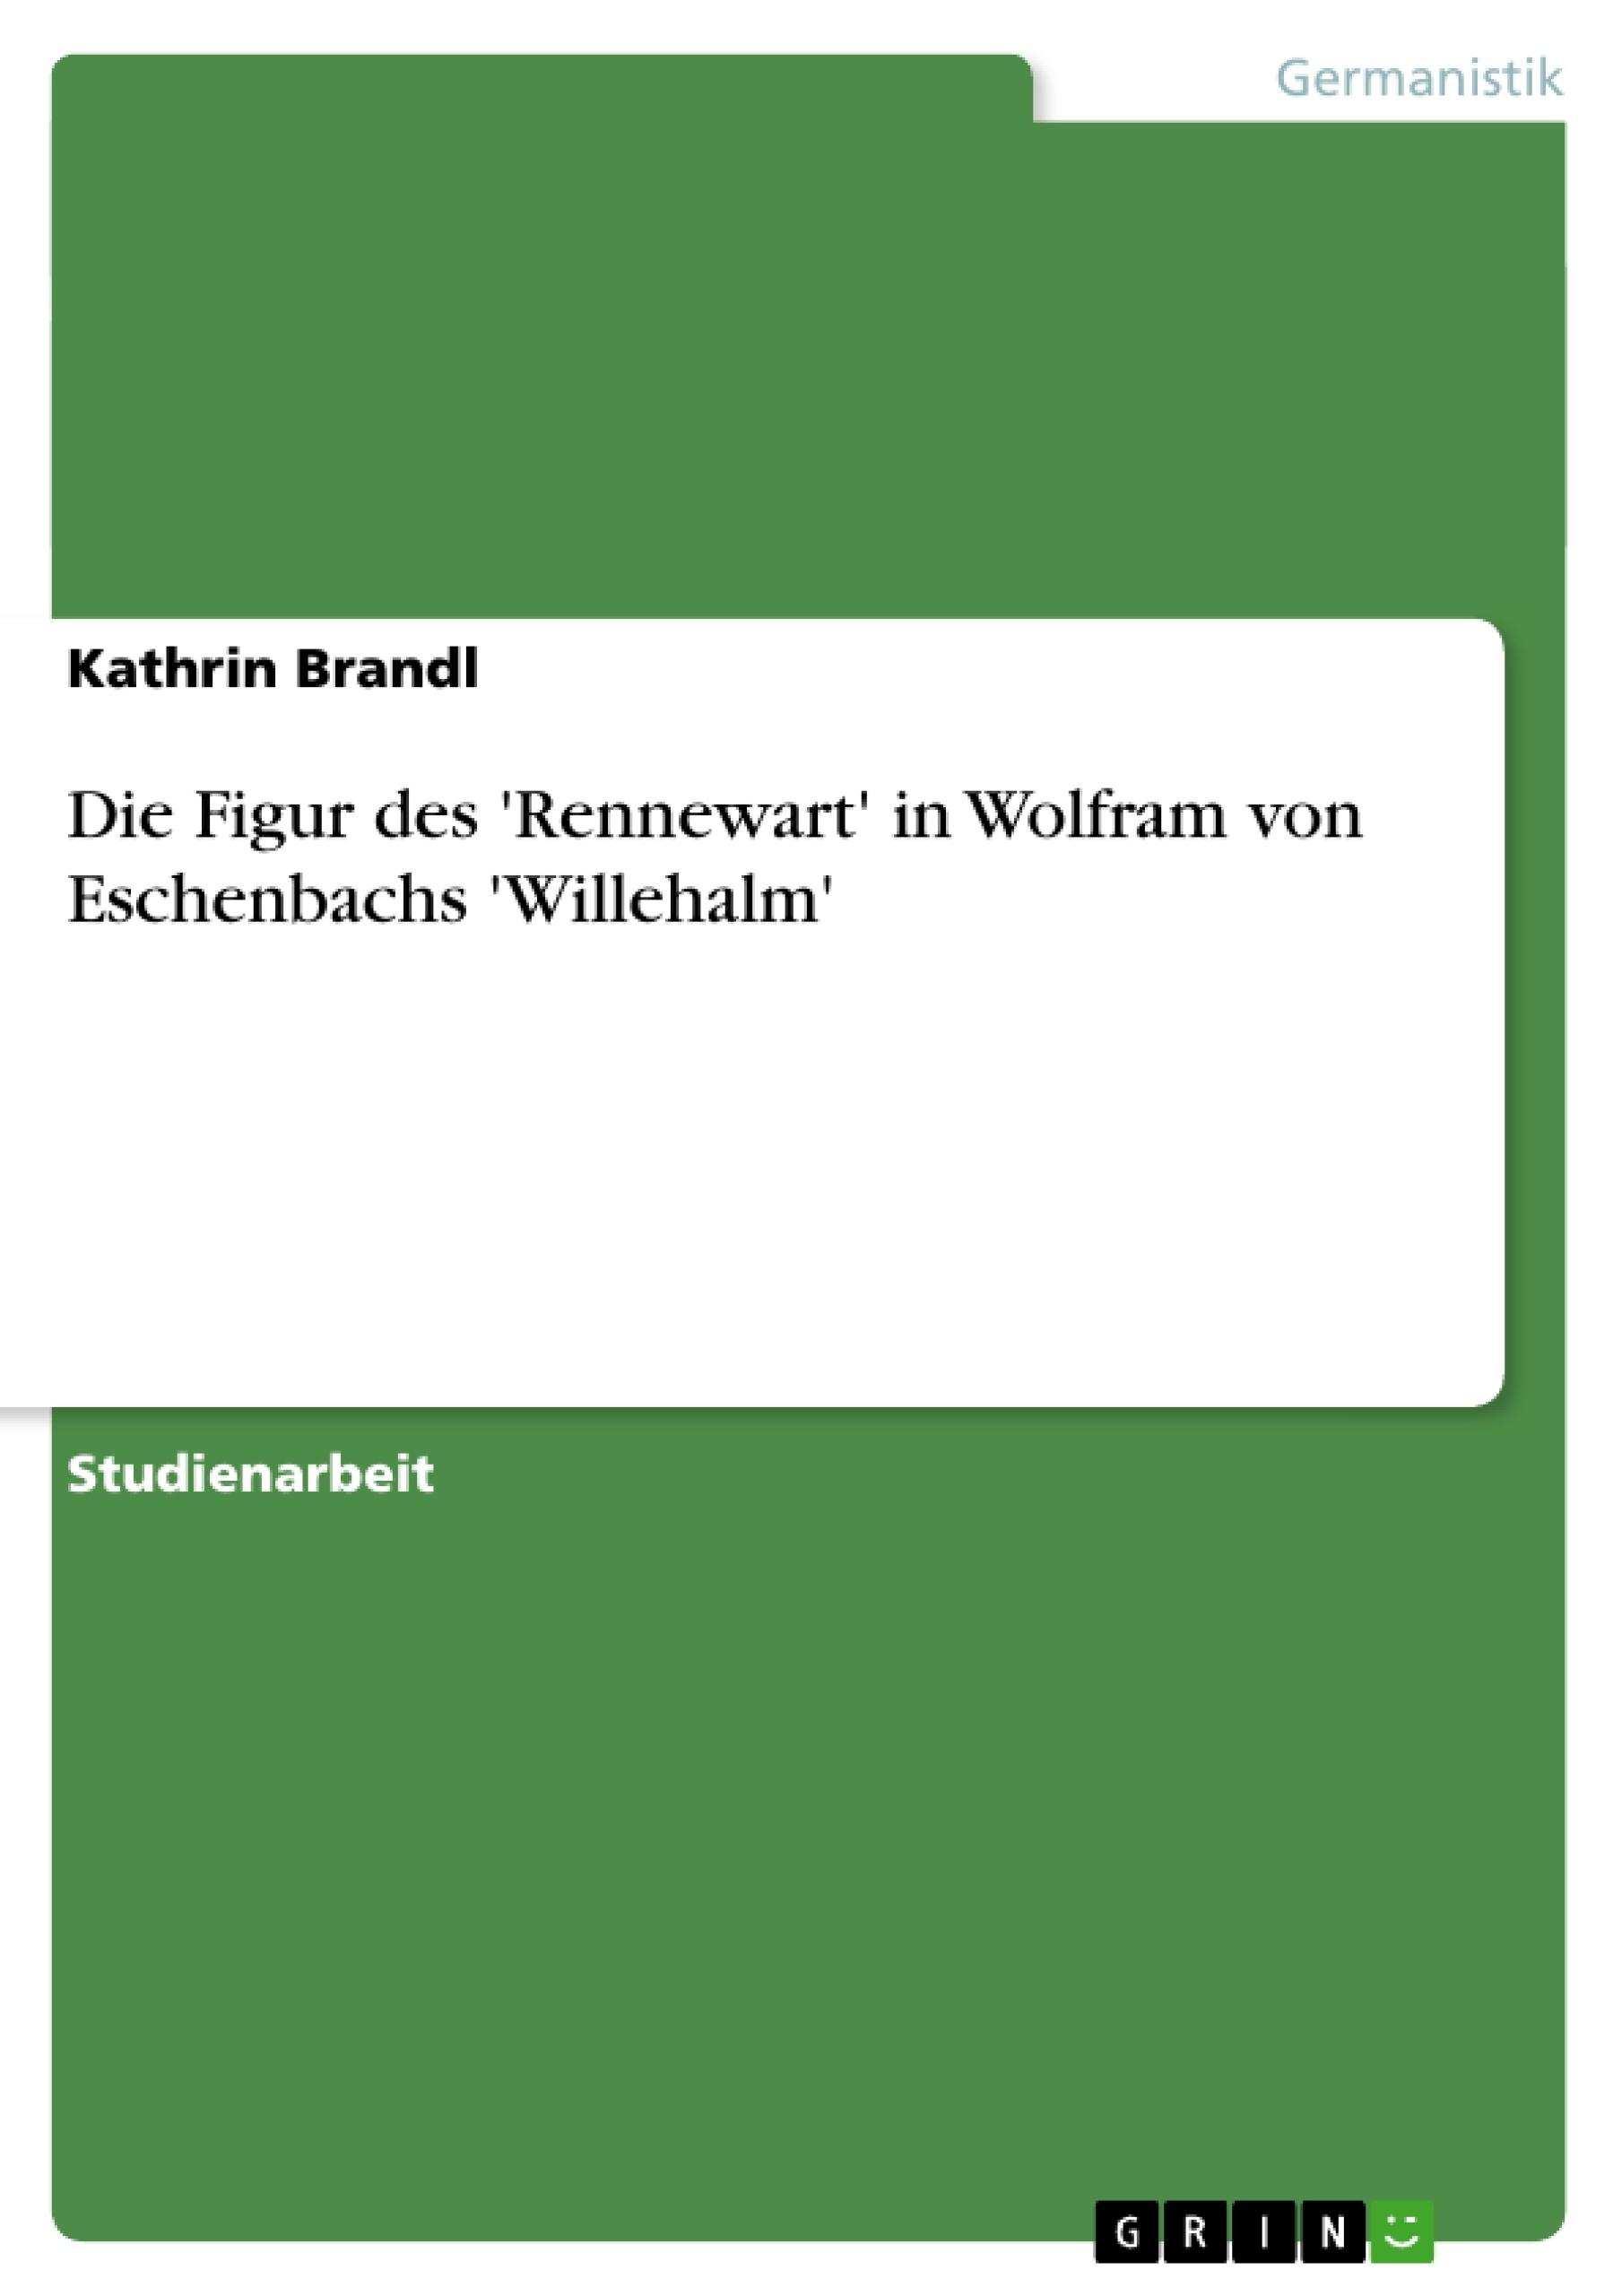 Titel: Die Figur des 'Rennewart' in Wolfram von Eschenbachs 'Willehalm'